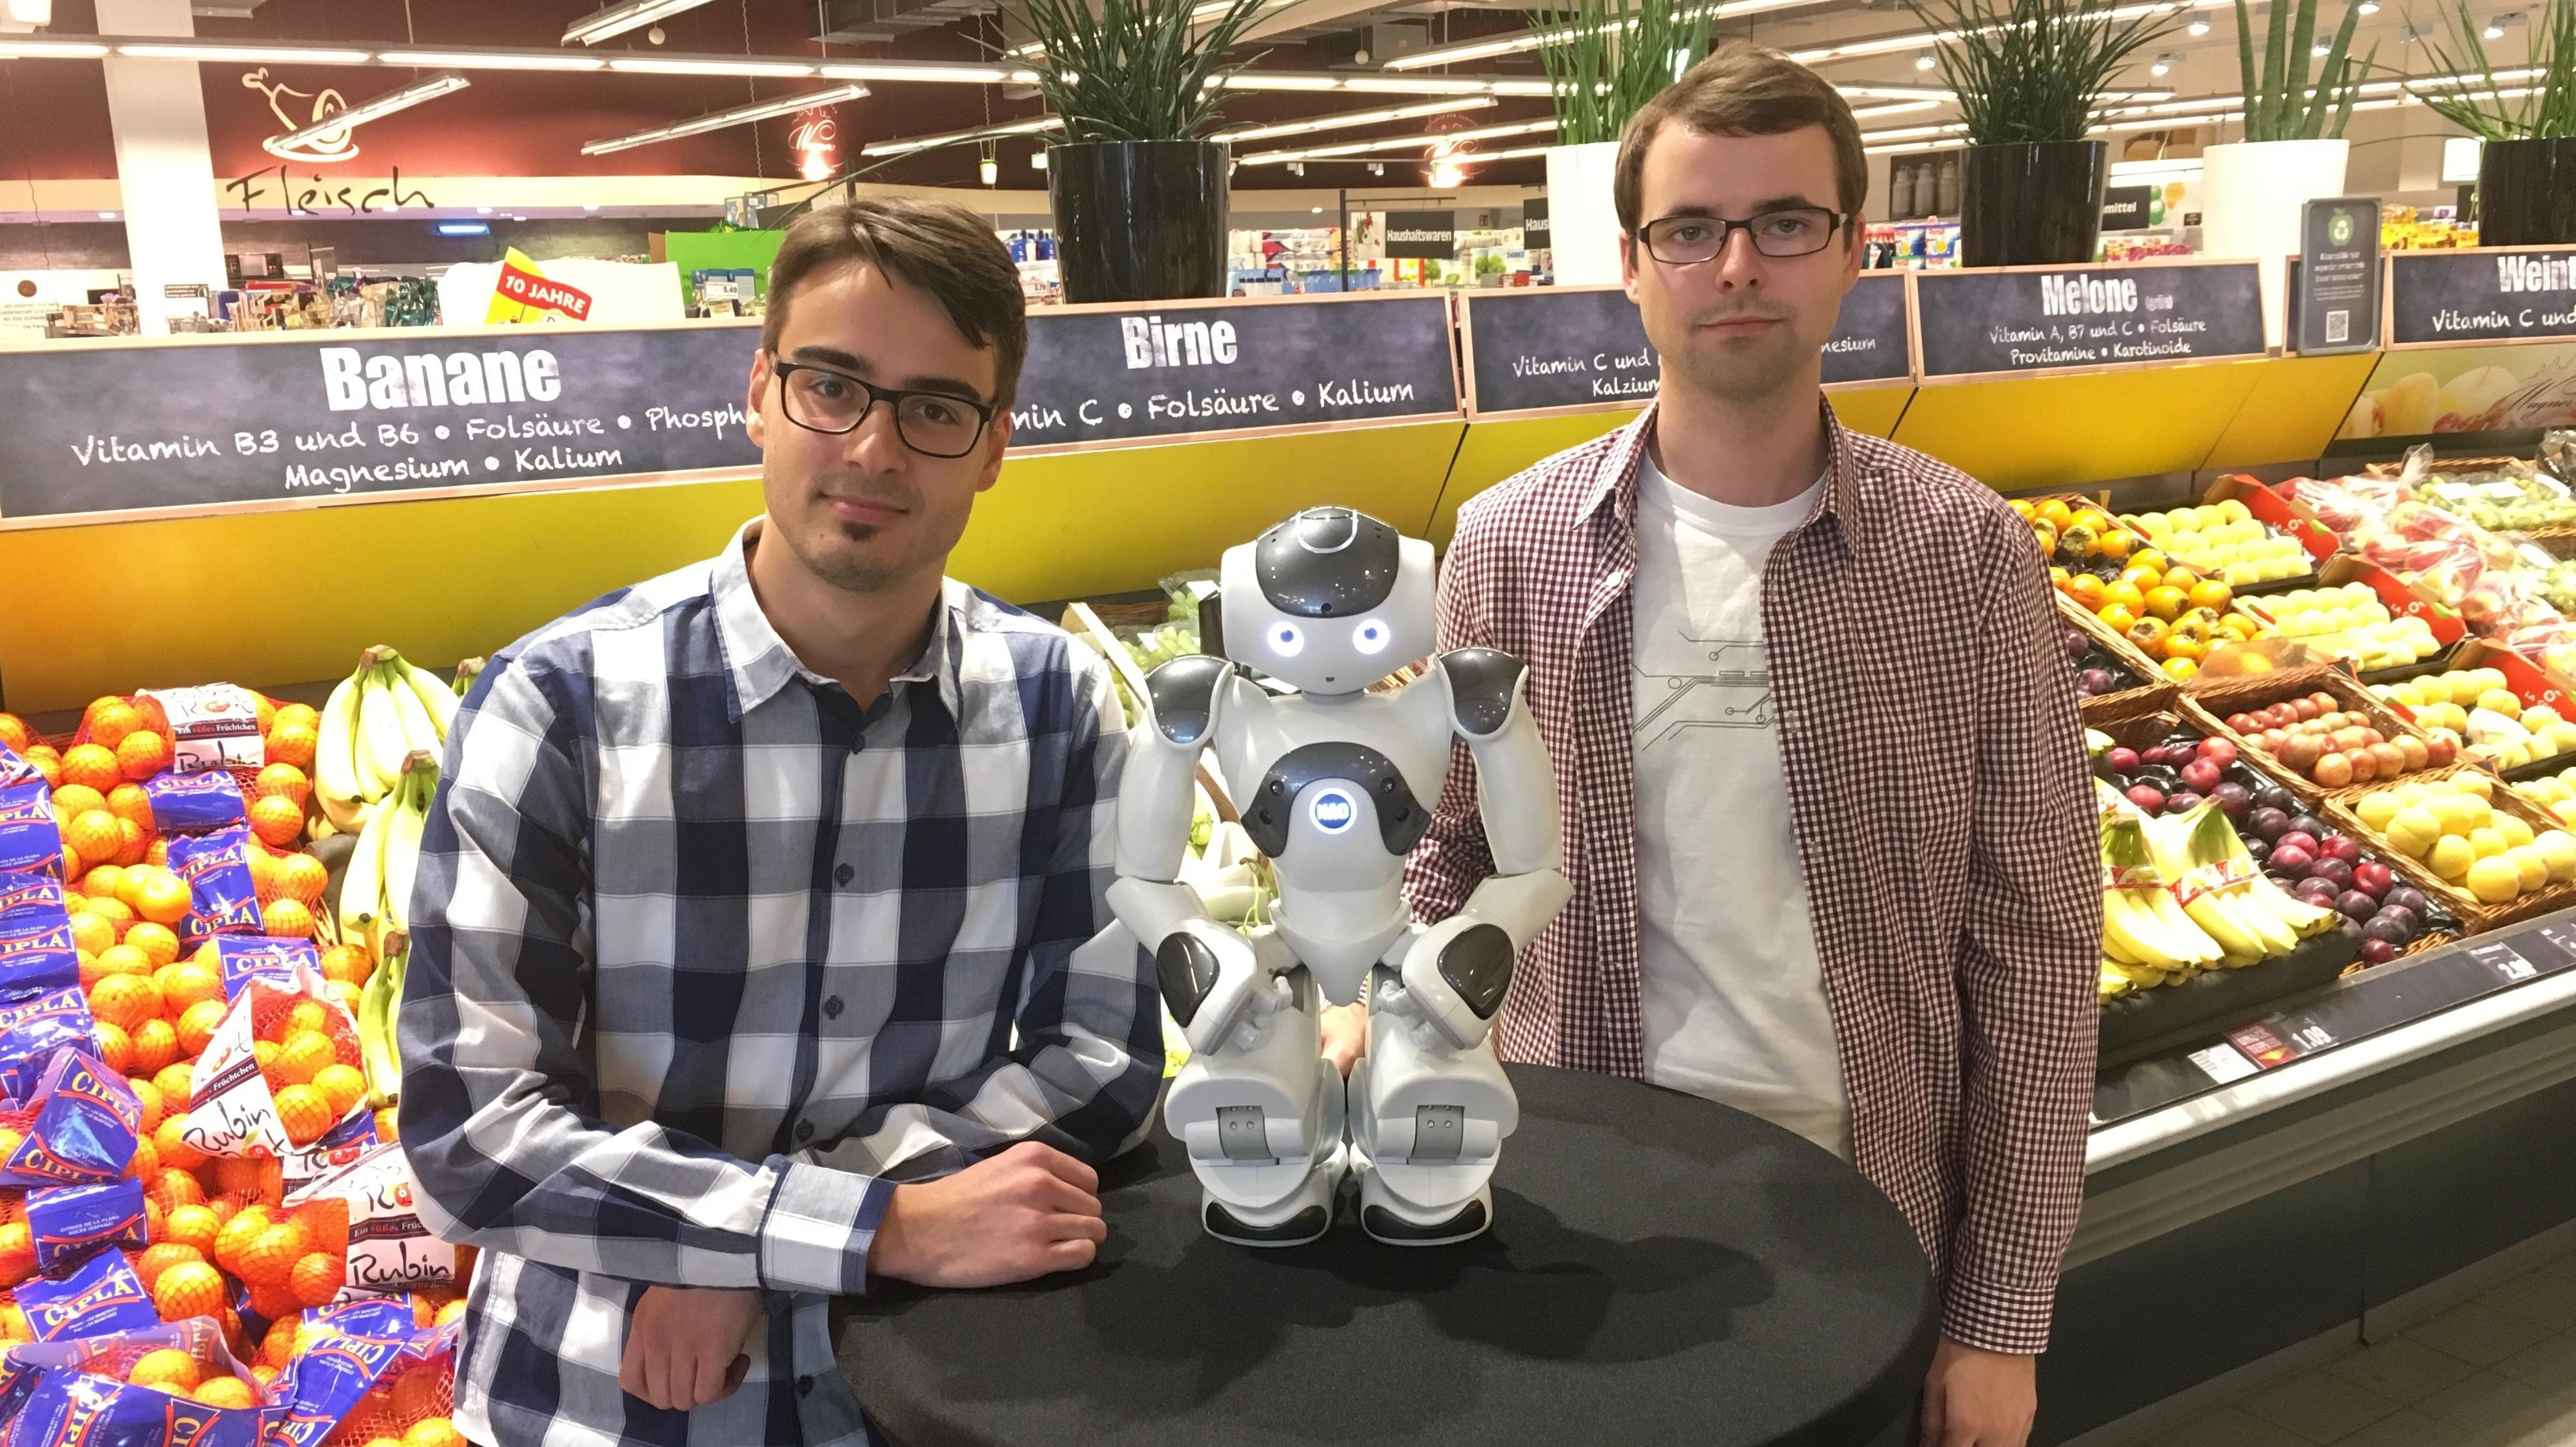 Zwischen zwei Männern steht in einem Supermarkt vor dem Obstregal ein kleiner weißer Roboter auf einem Hochtisch.